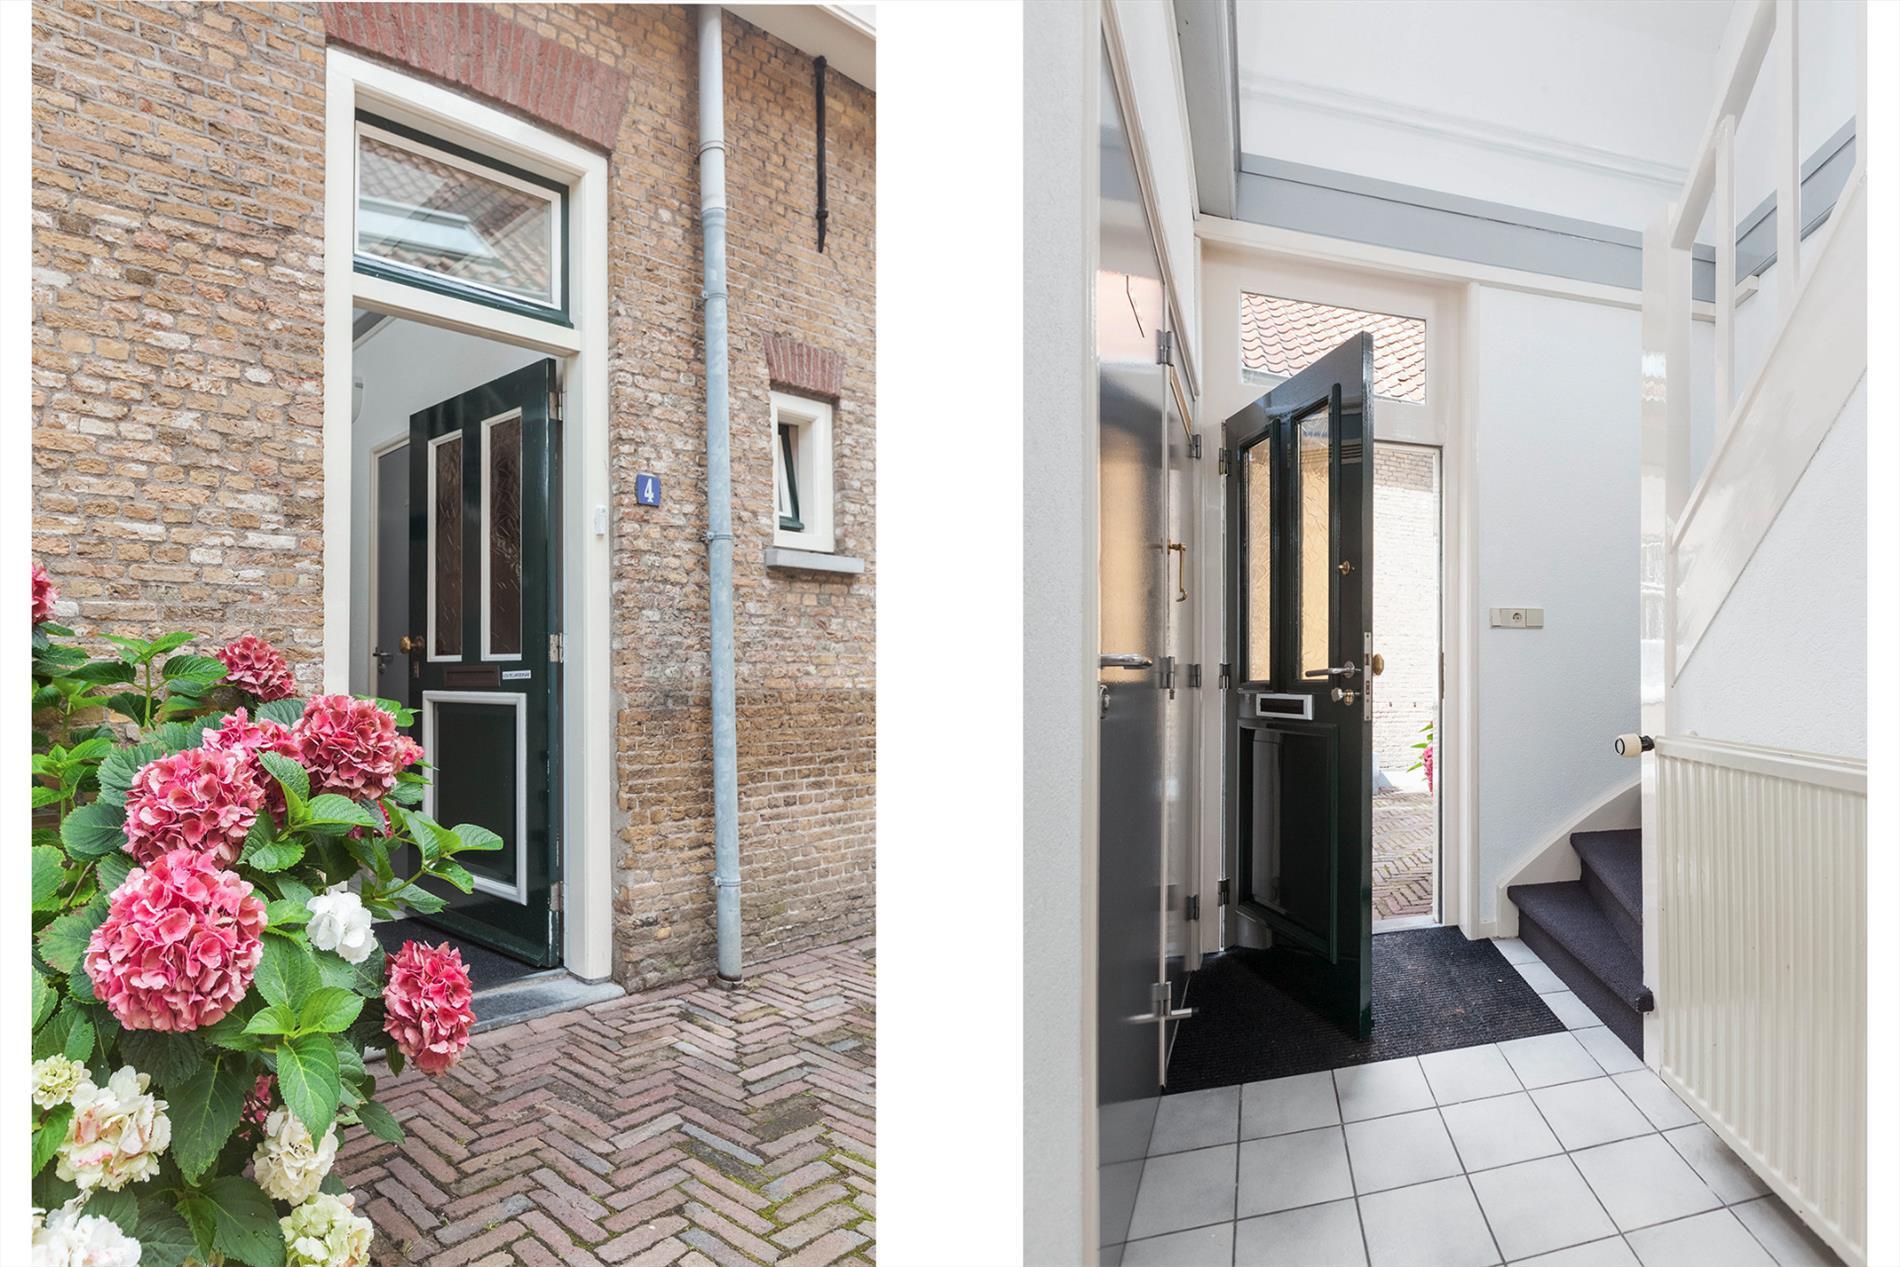 Brugstraat 4, 2969 AB Oud-Alblas - 04659875_2.jpg